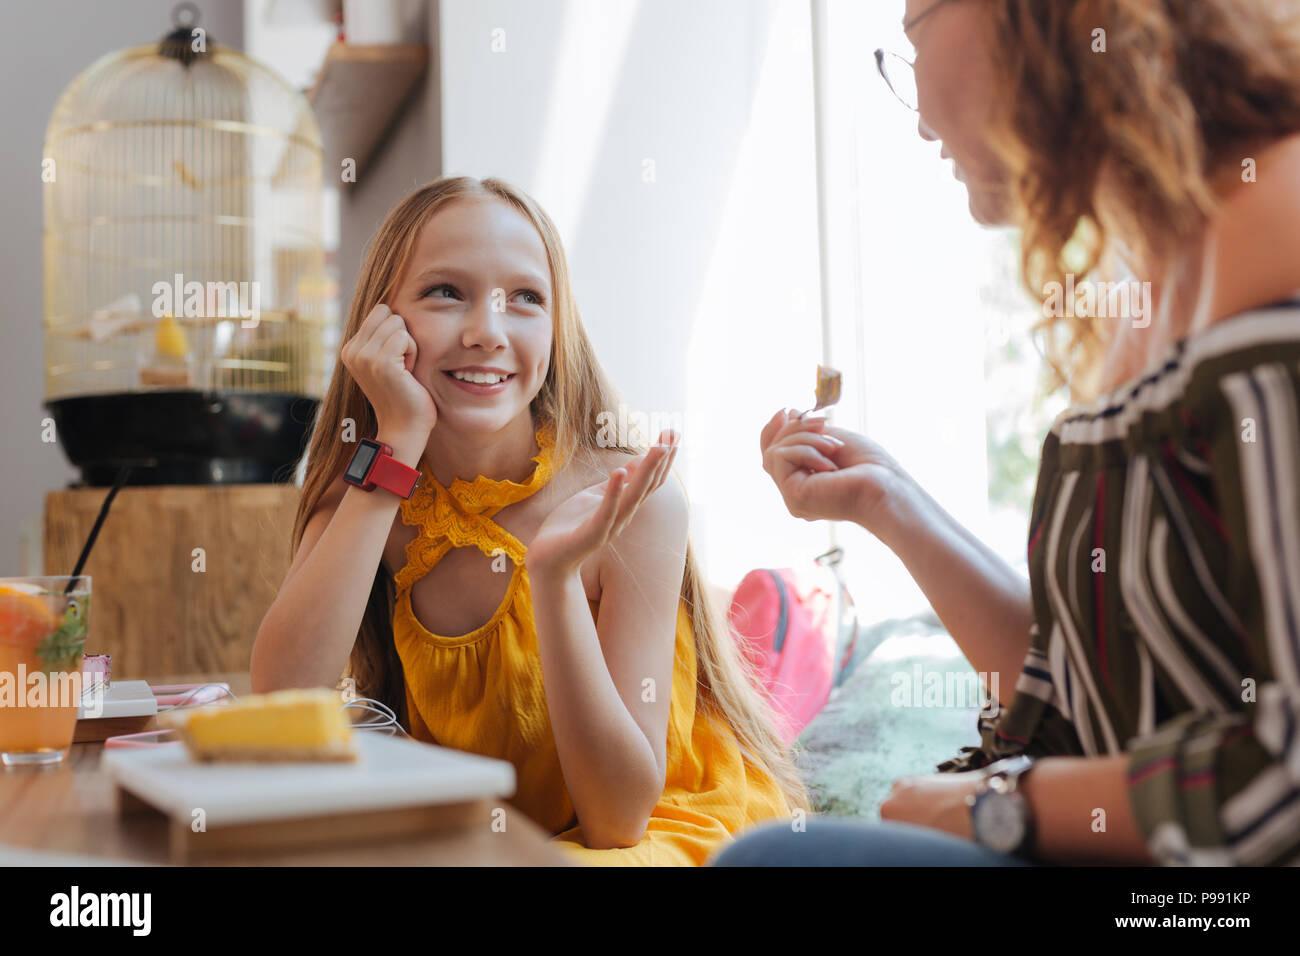 Transmisión de pelo rubio adolescente disfruta hablando a su madre Imagen De Stock